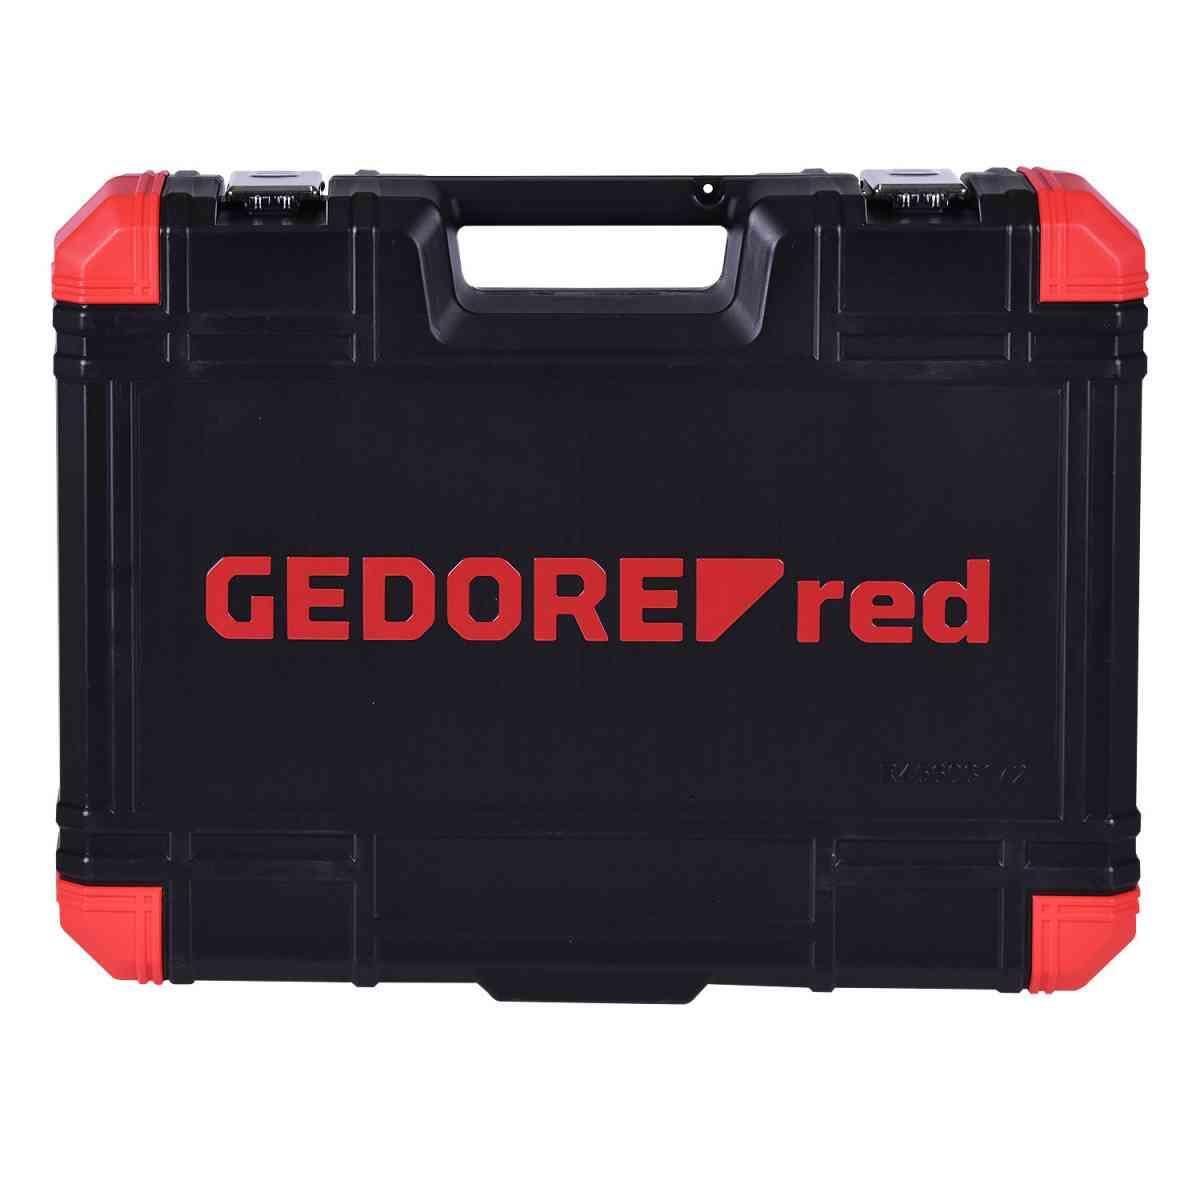 Jogo de Ferramentas com 172 peças R45603172 Gedore Red